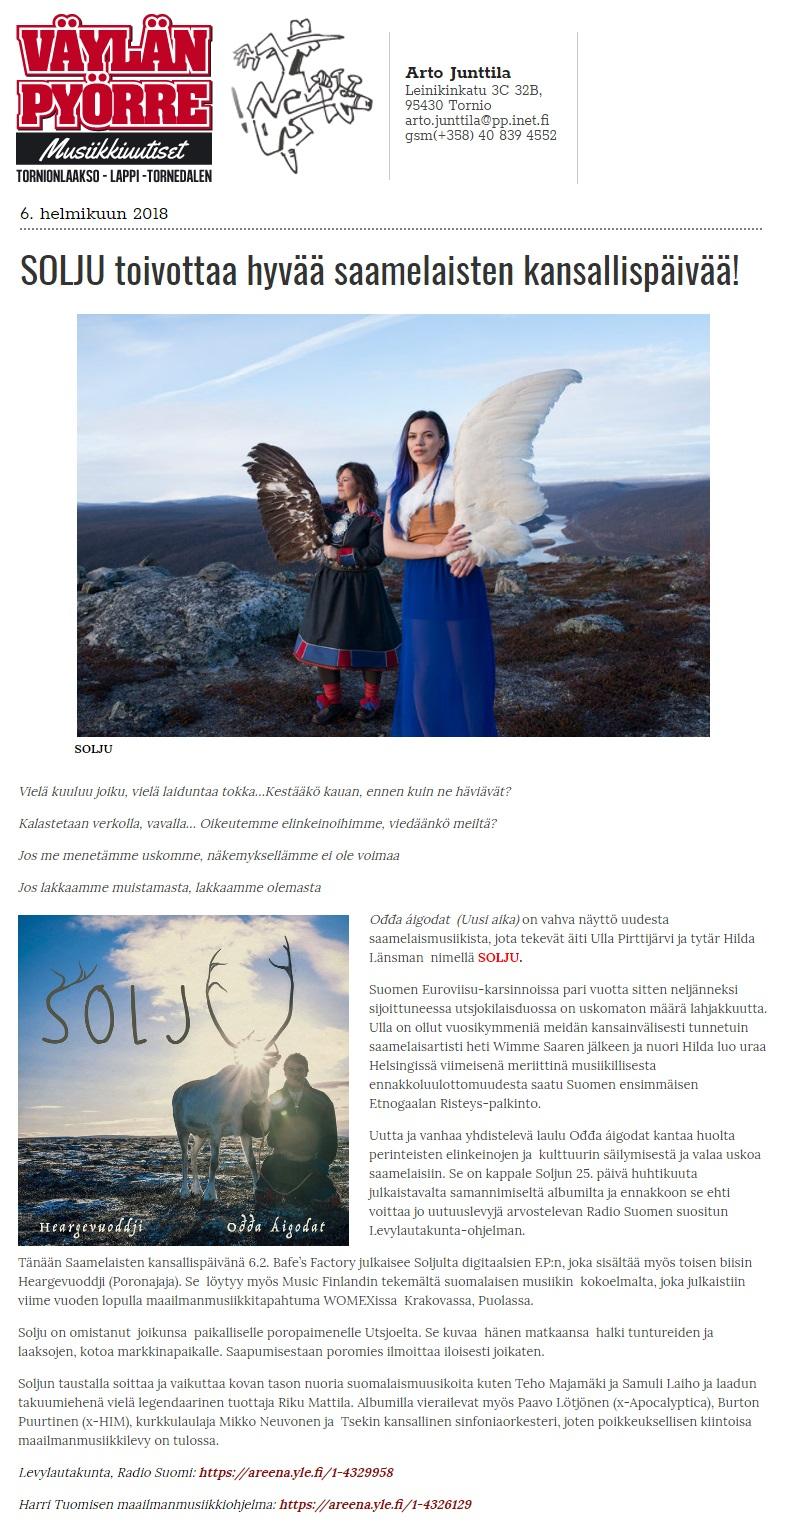 Väylän Pyörre, (Finland), 6.2.2018